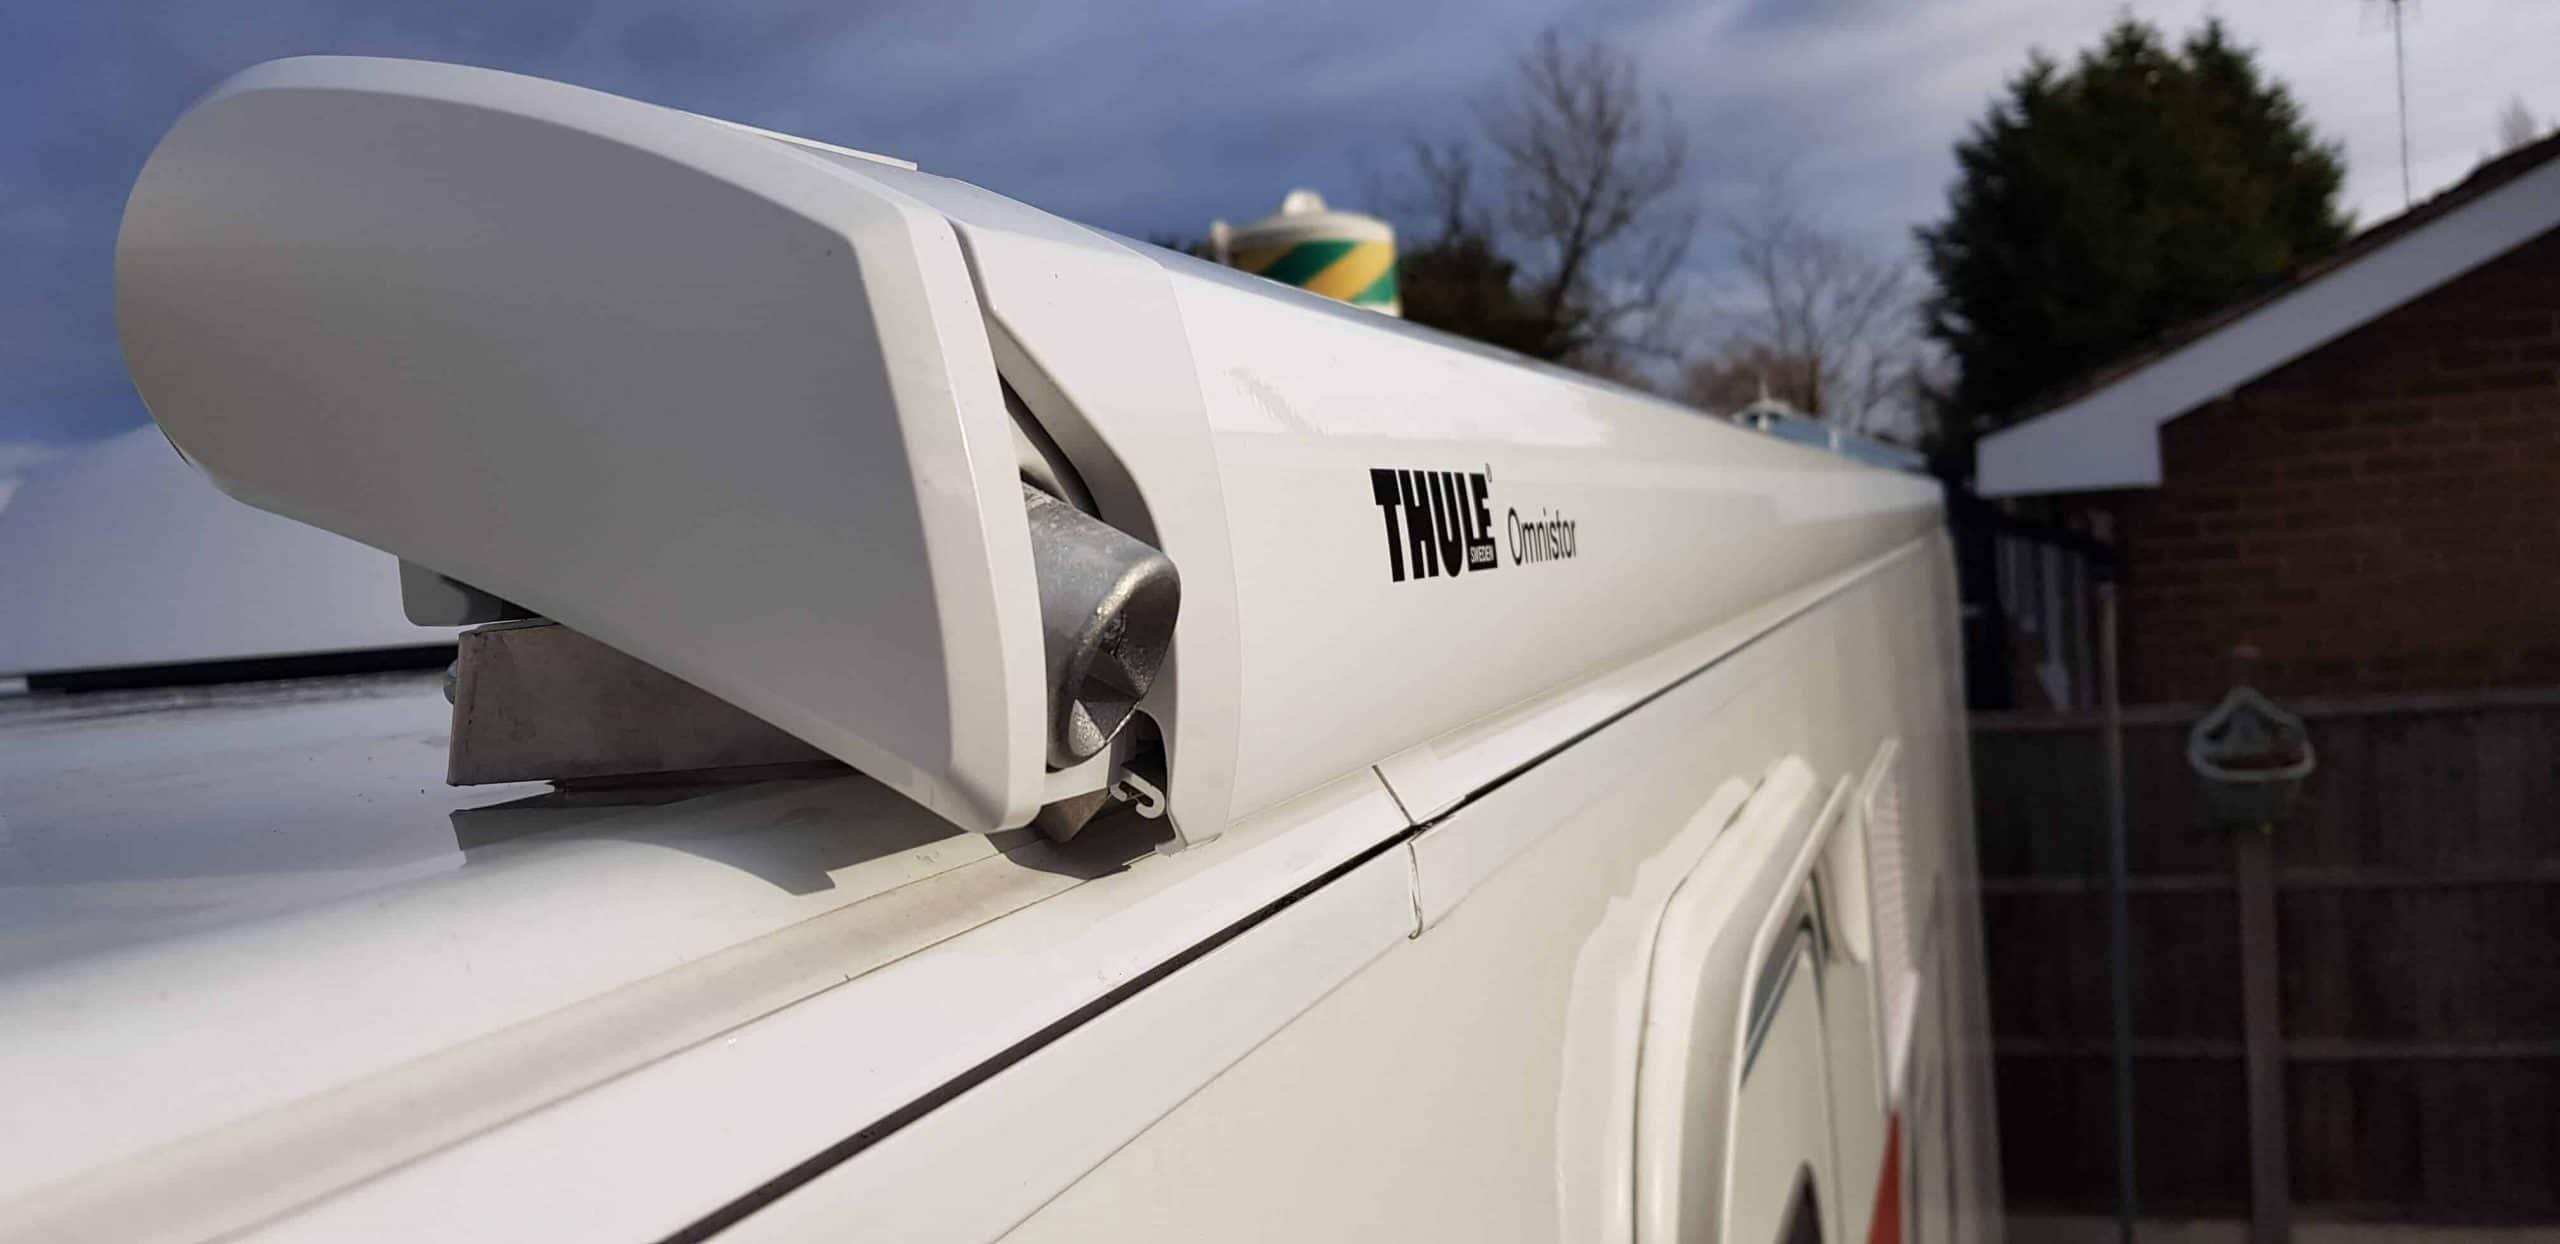 Thule Omnistor 6200 Hymer Adapter Caravan